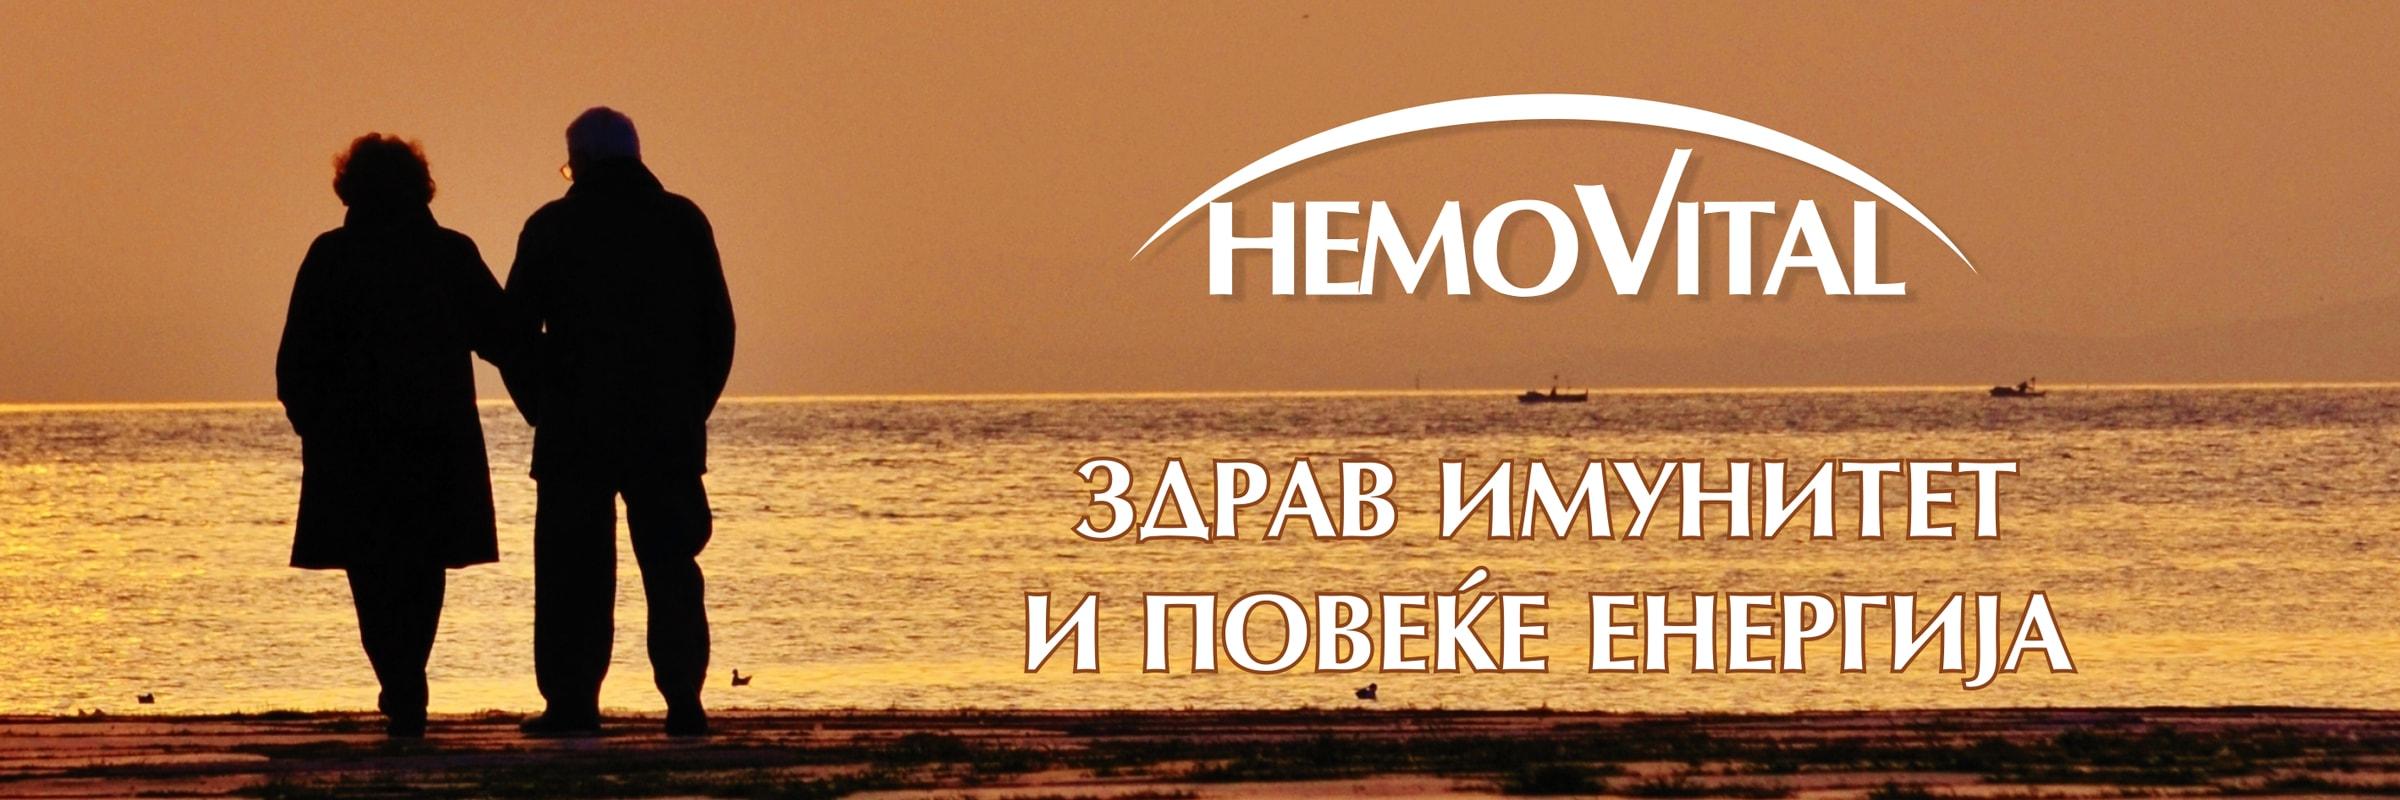 HemoVital